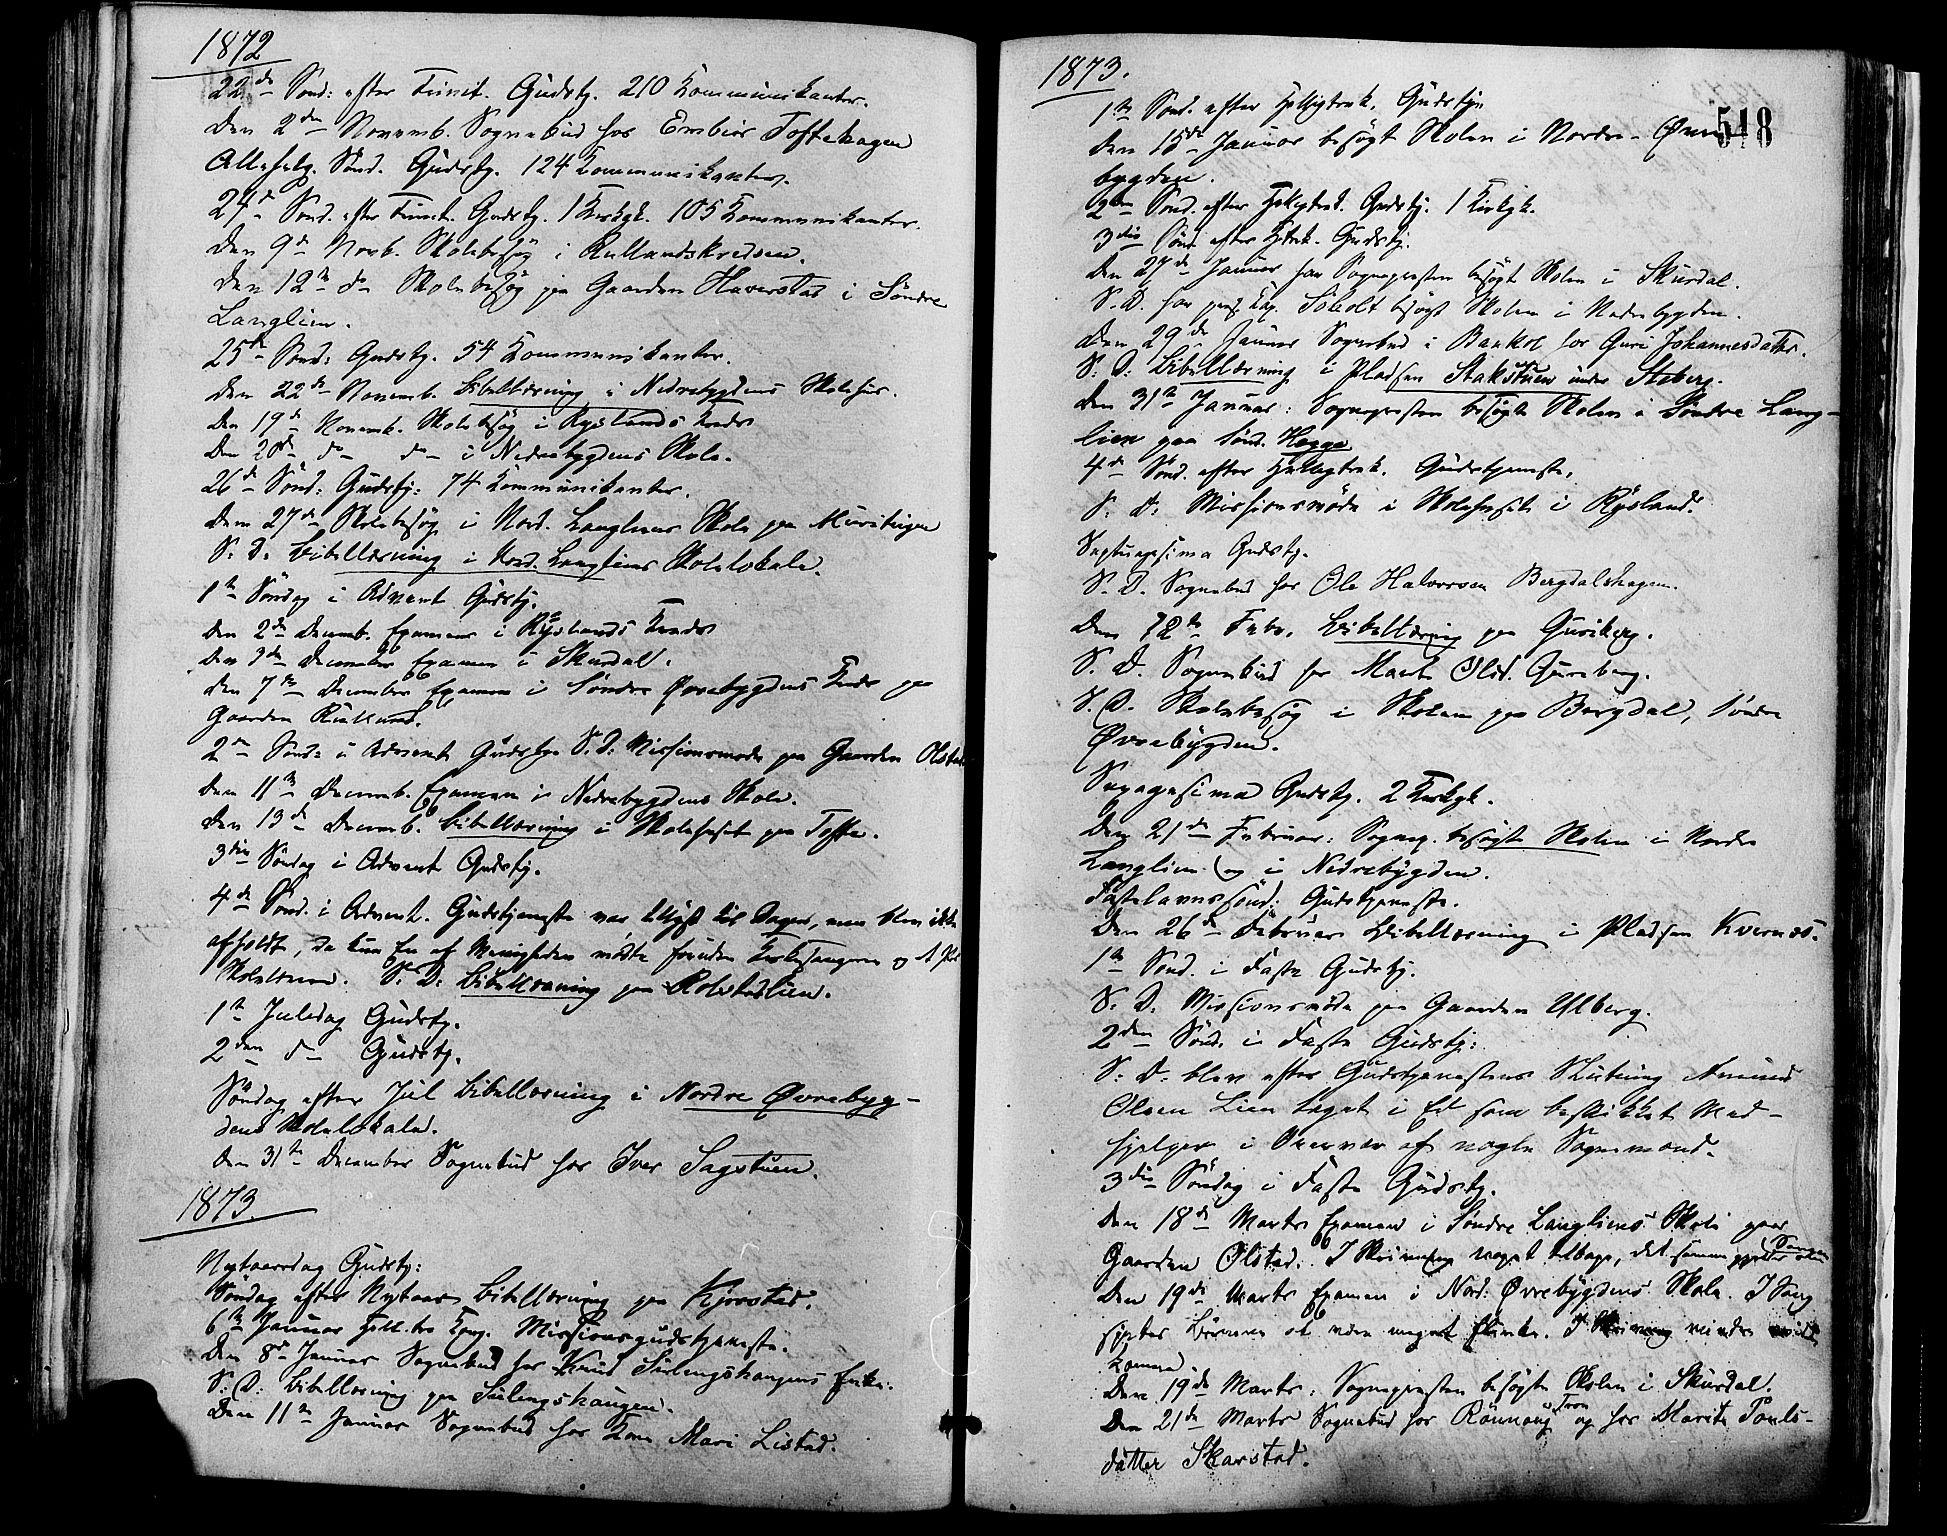 SAH, Sør-Fron prestekontor, H/Ha/Haa/L0002: Ministerialbok nr. 2, 1864-1880, s. 518